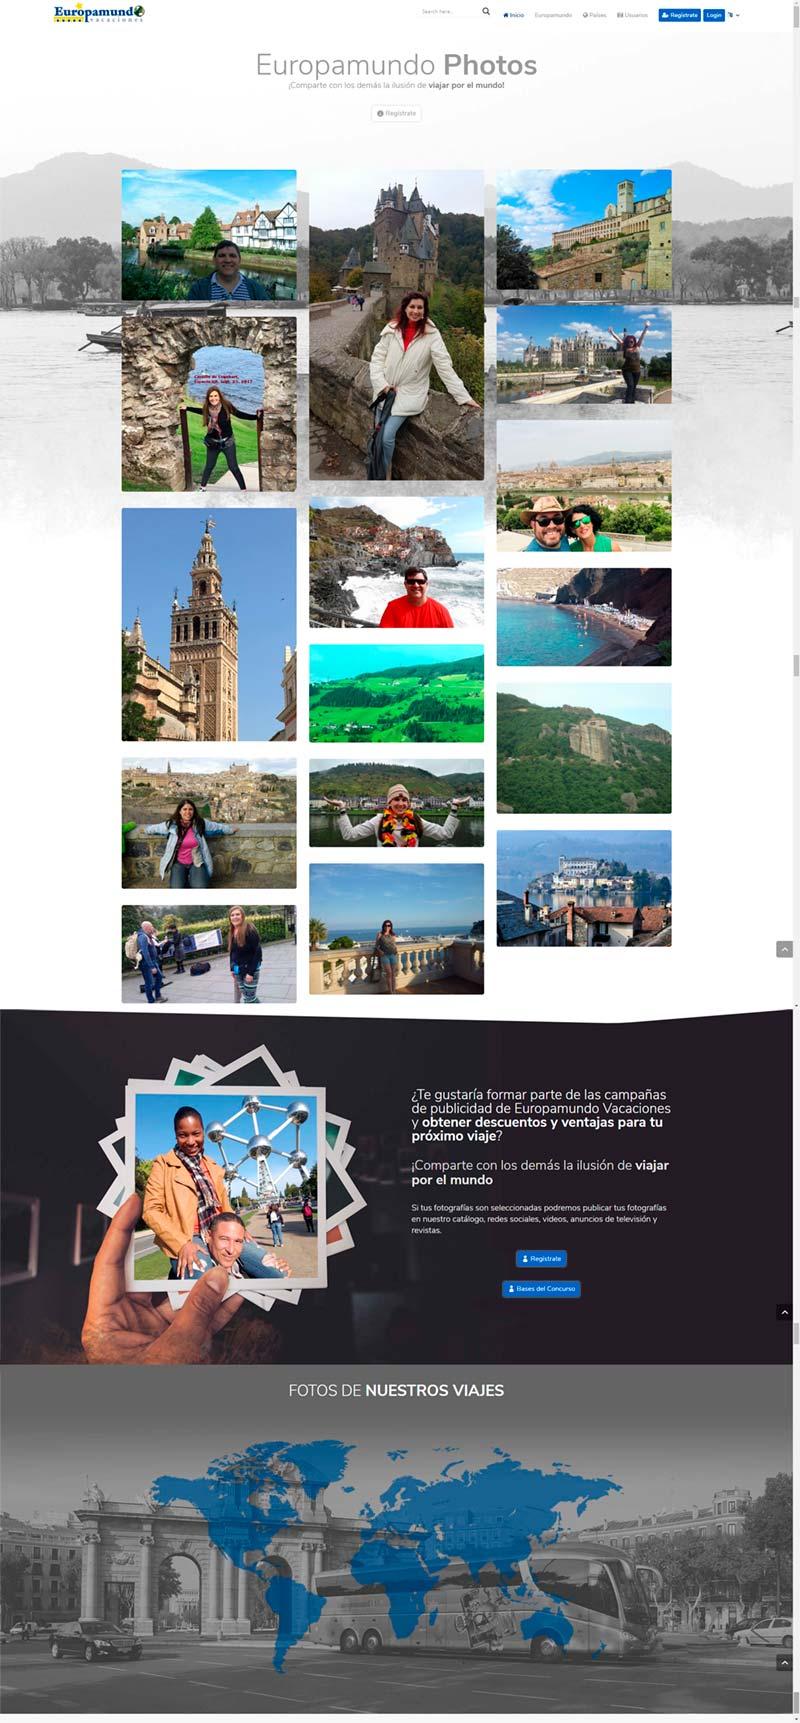 Diseño Web: Europamundo Photos